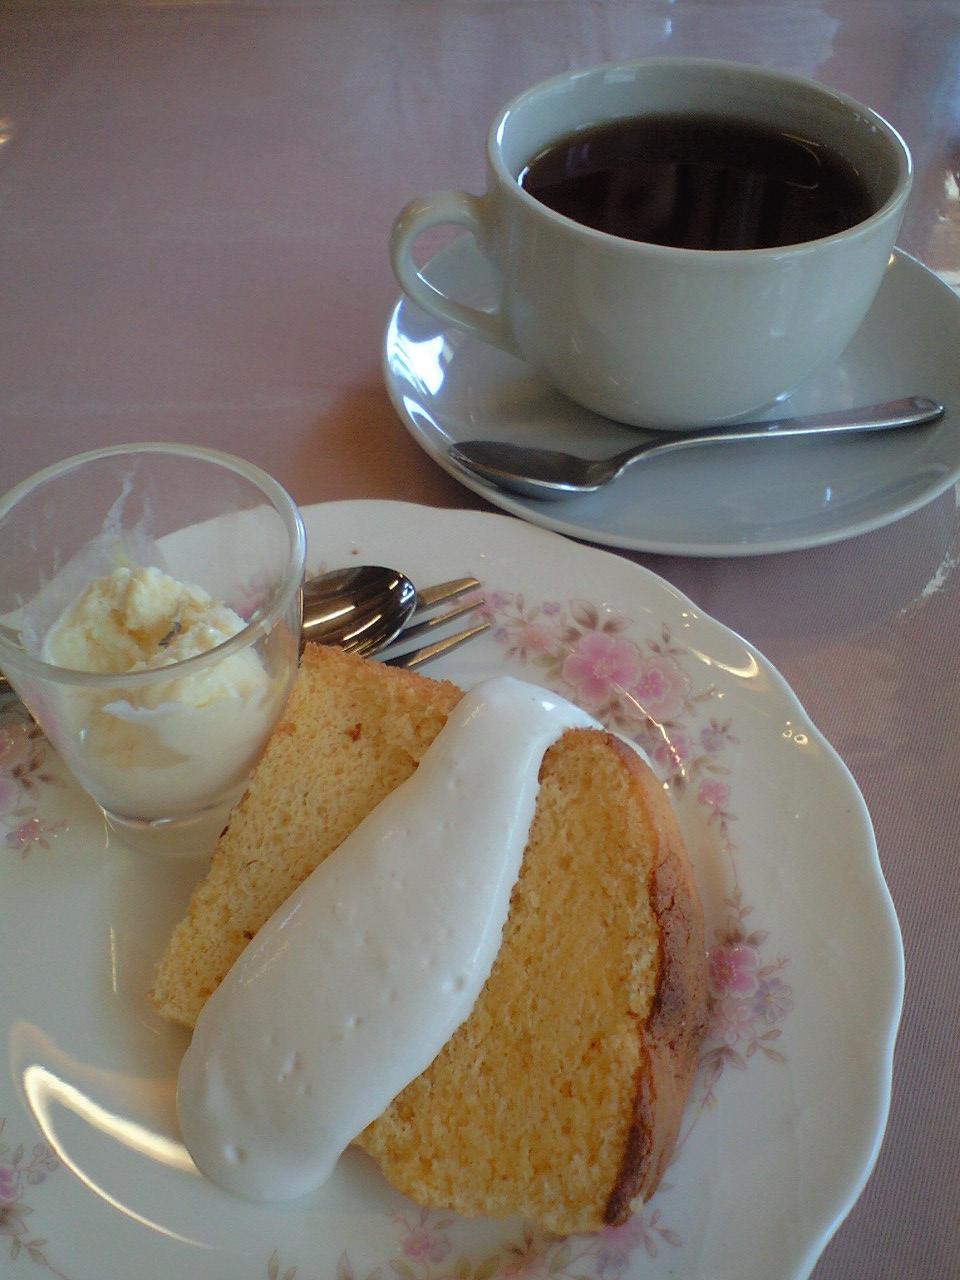 デザートはレモンのシフォンケーキ・アイスクリーム添え、でした